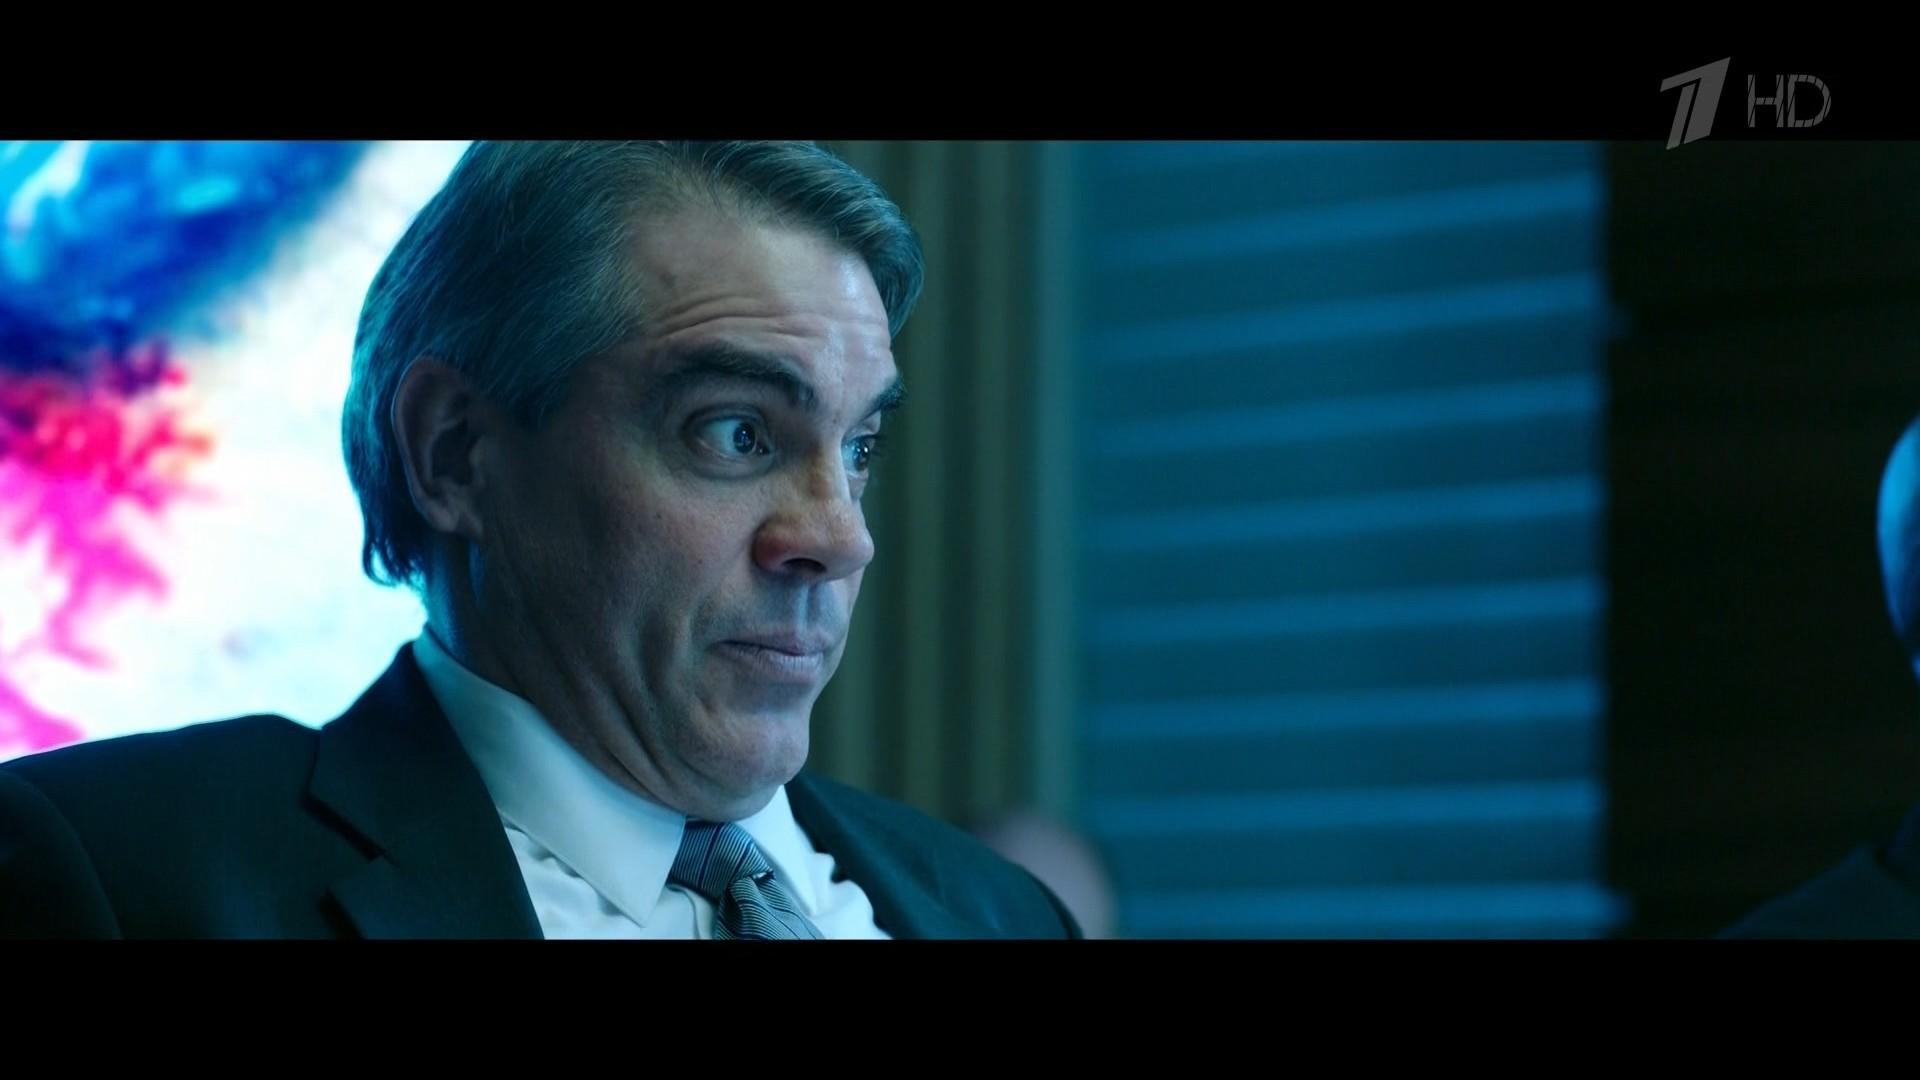 Спящие-2 [S02] (2018) HDTV 1080i